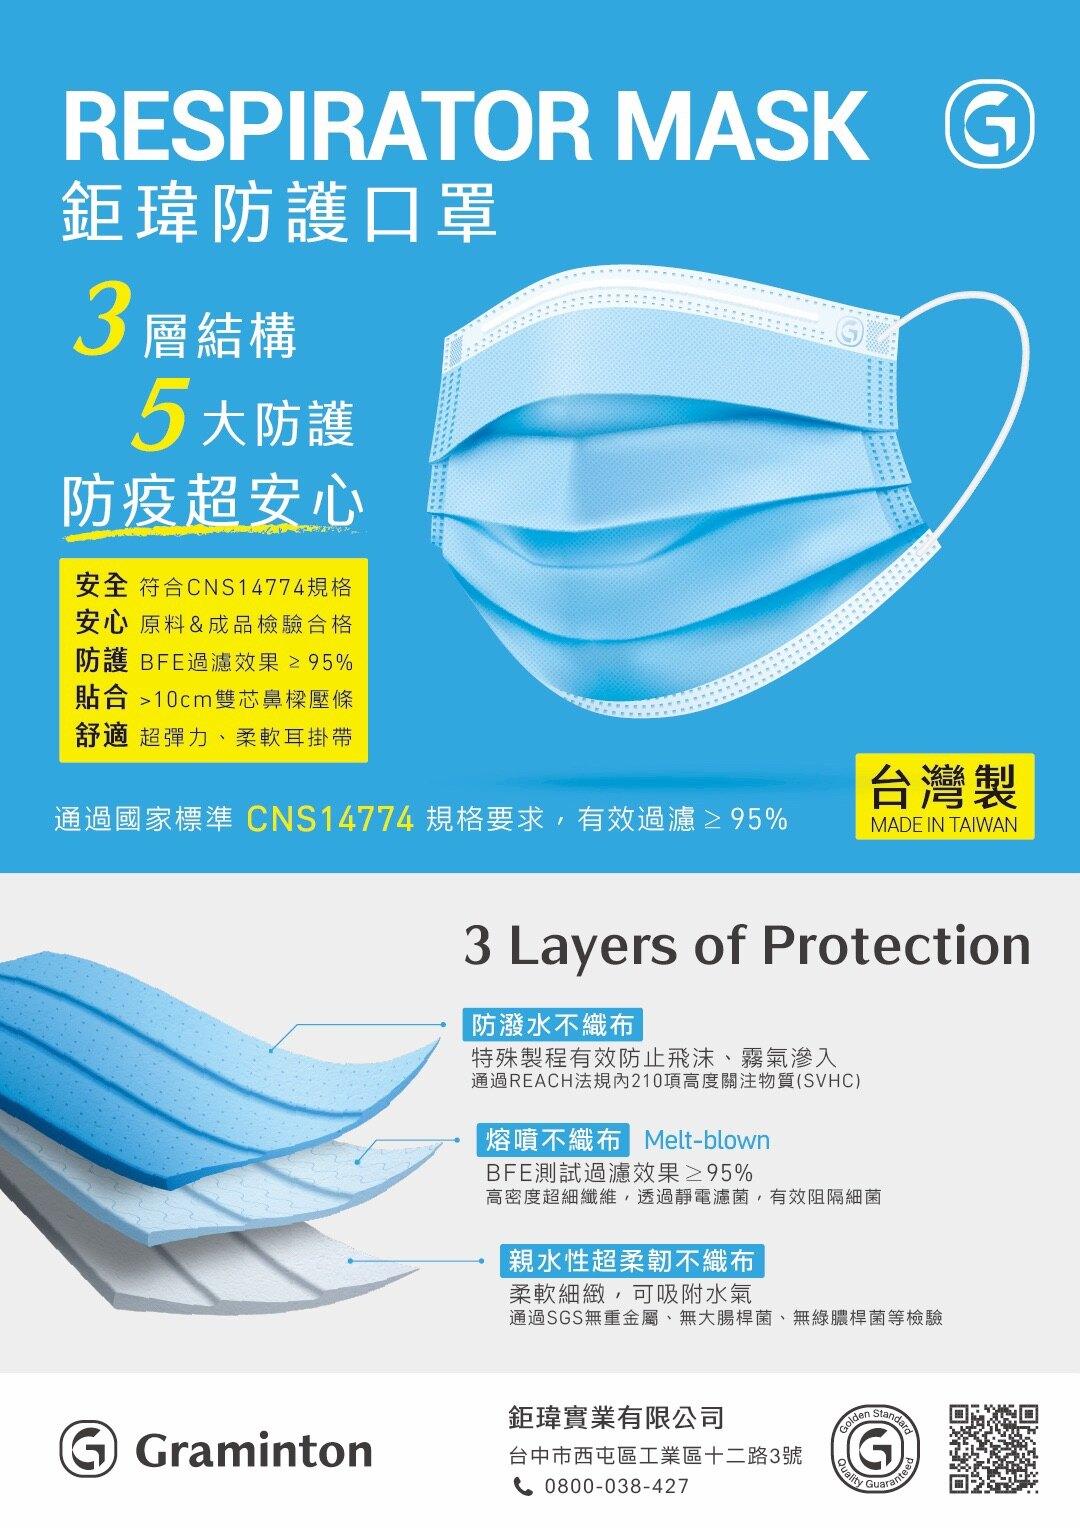 鉅瑋防護口罩(50片/盒),成人適用,三層阻隔,台灣製